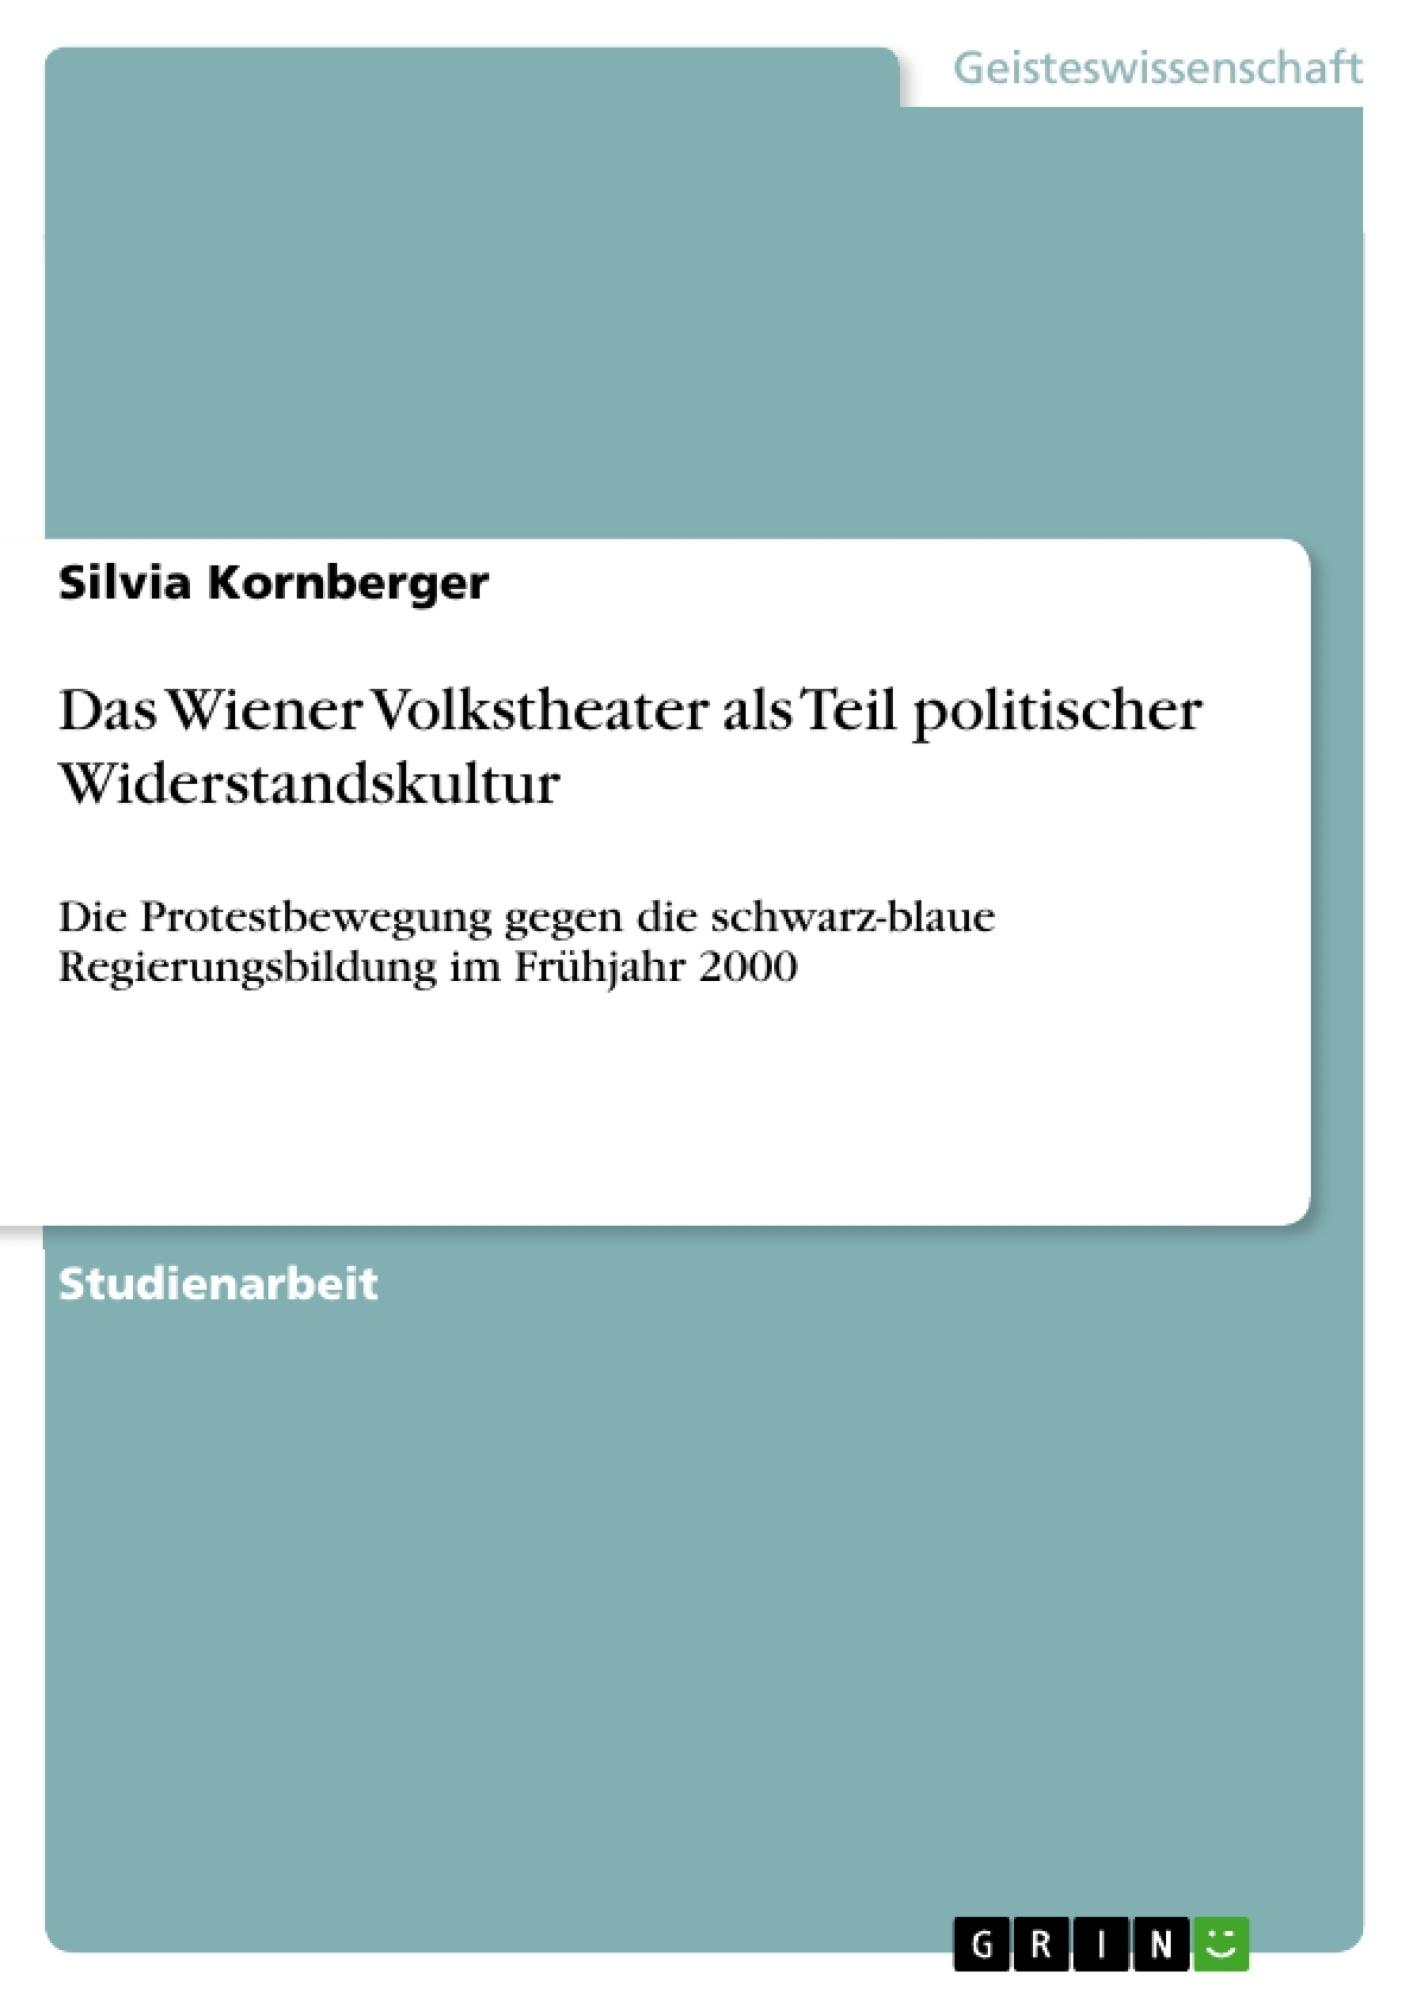 Titel: Das Wiener Volkstheater als Teil politischer Widerstandskultur